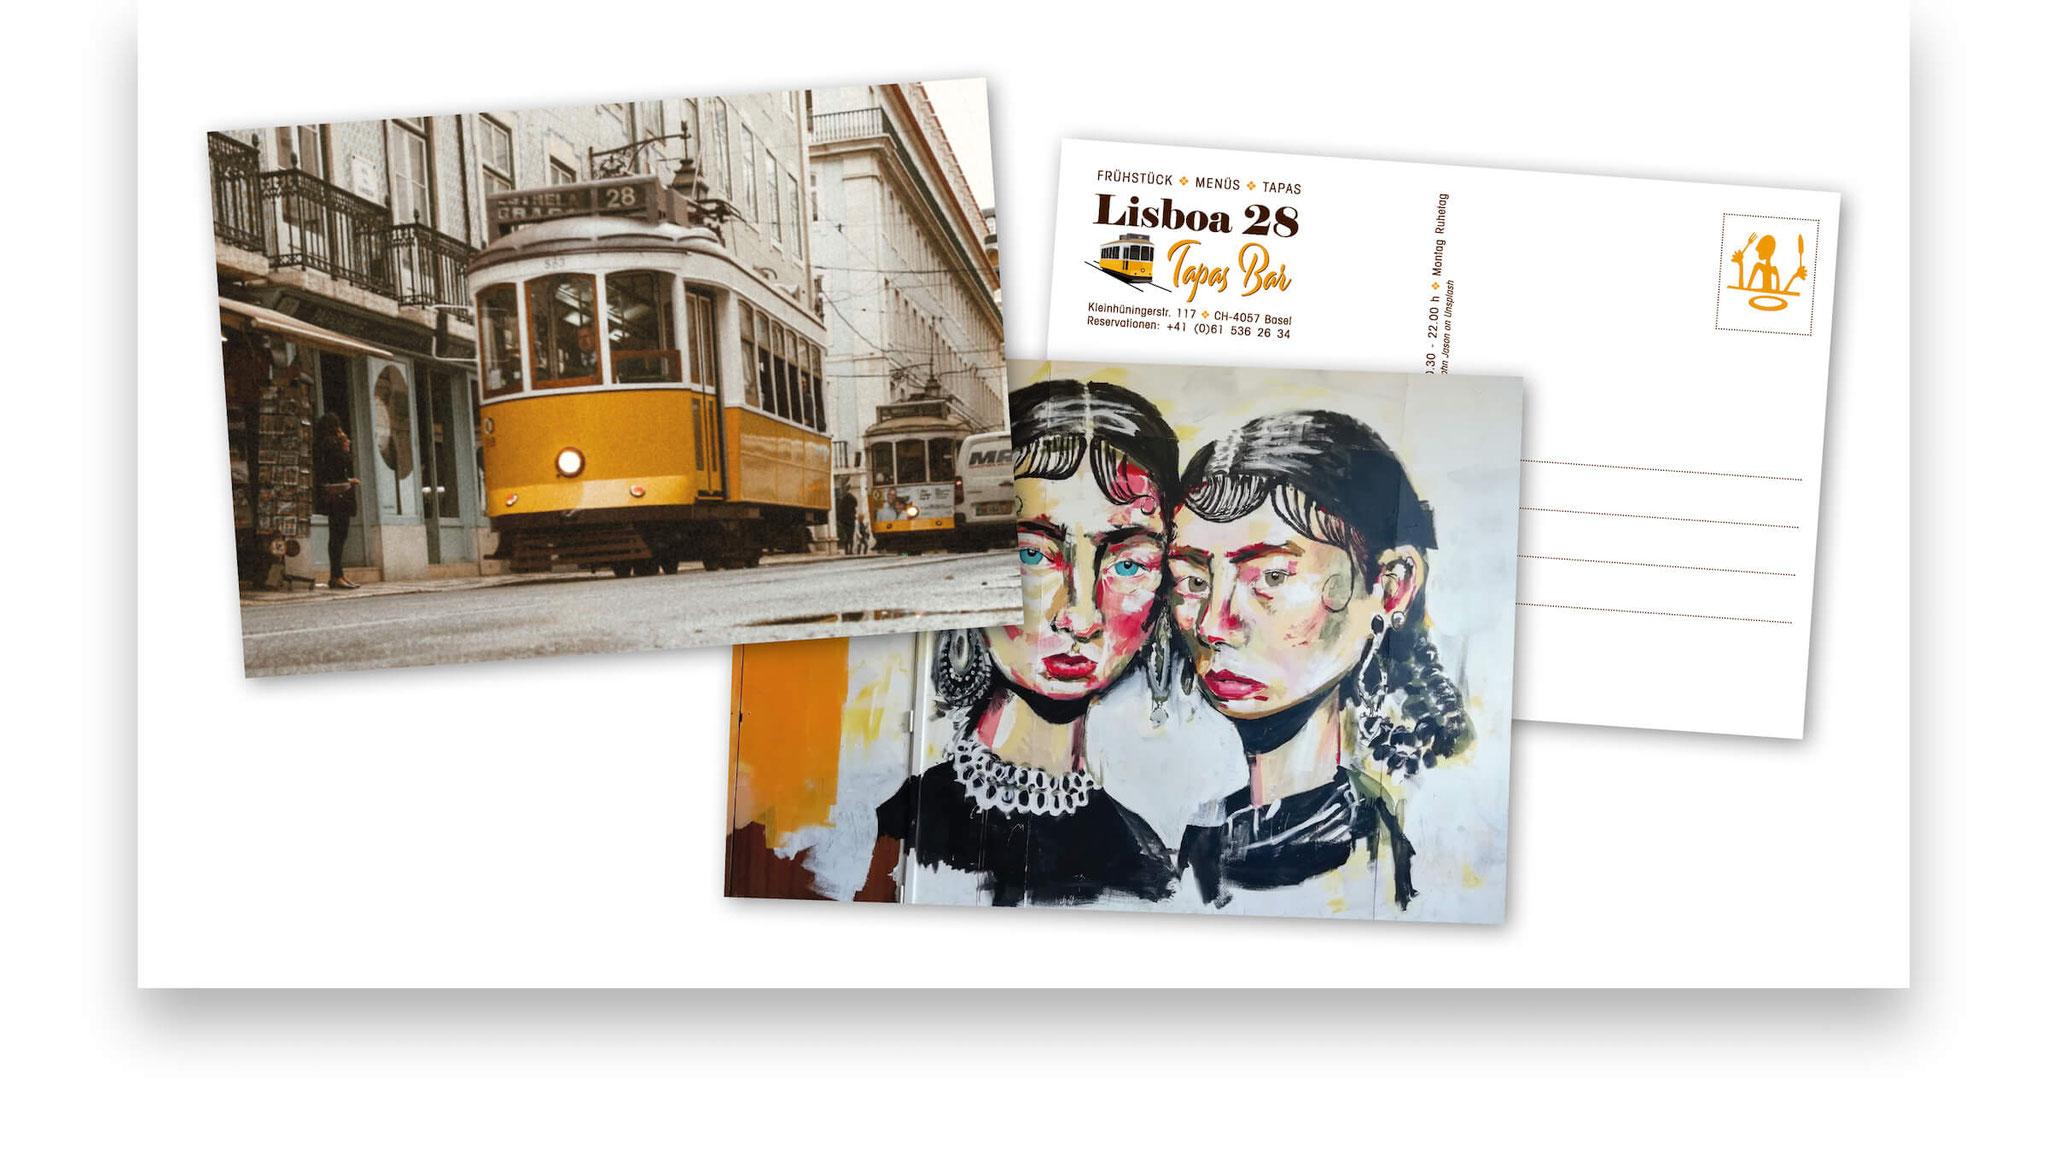 Postkarten mit typischen Bildmotiven aus Lissabon zur Eröffnung der Tapas-Bar.